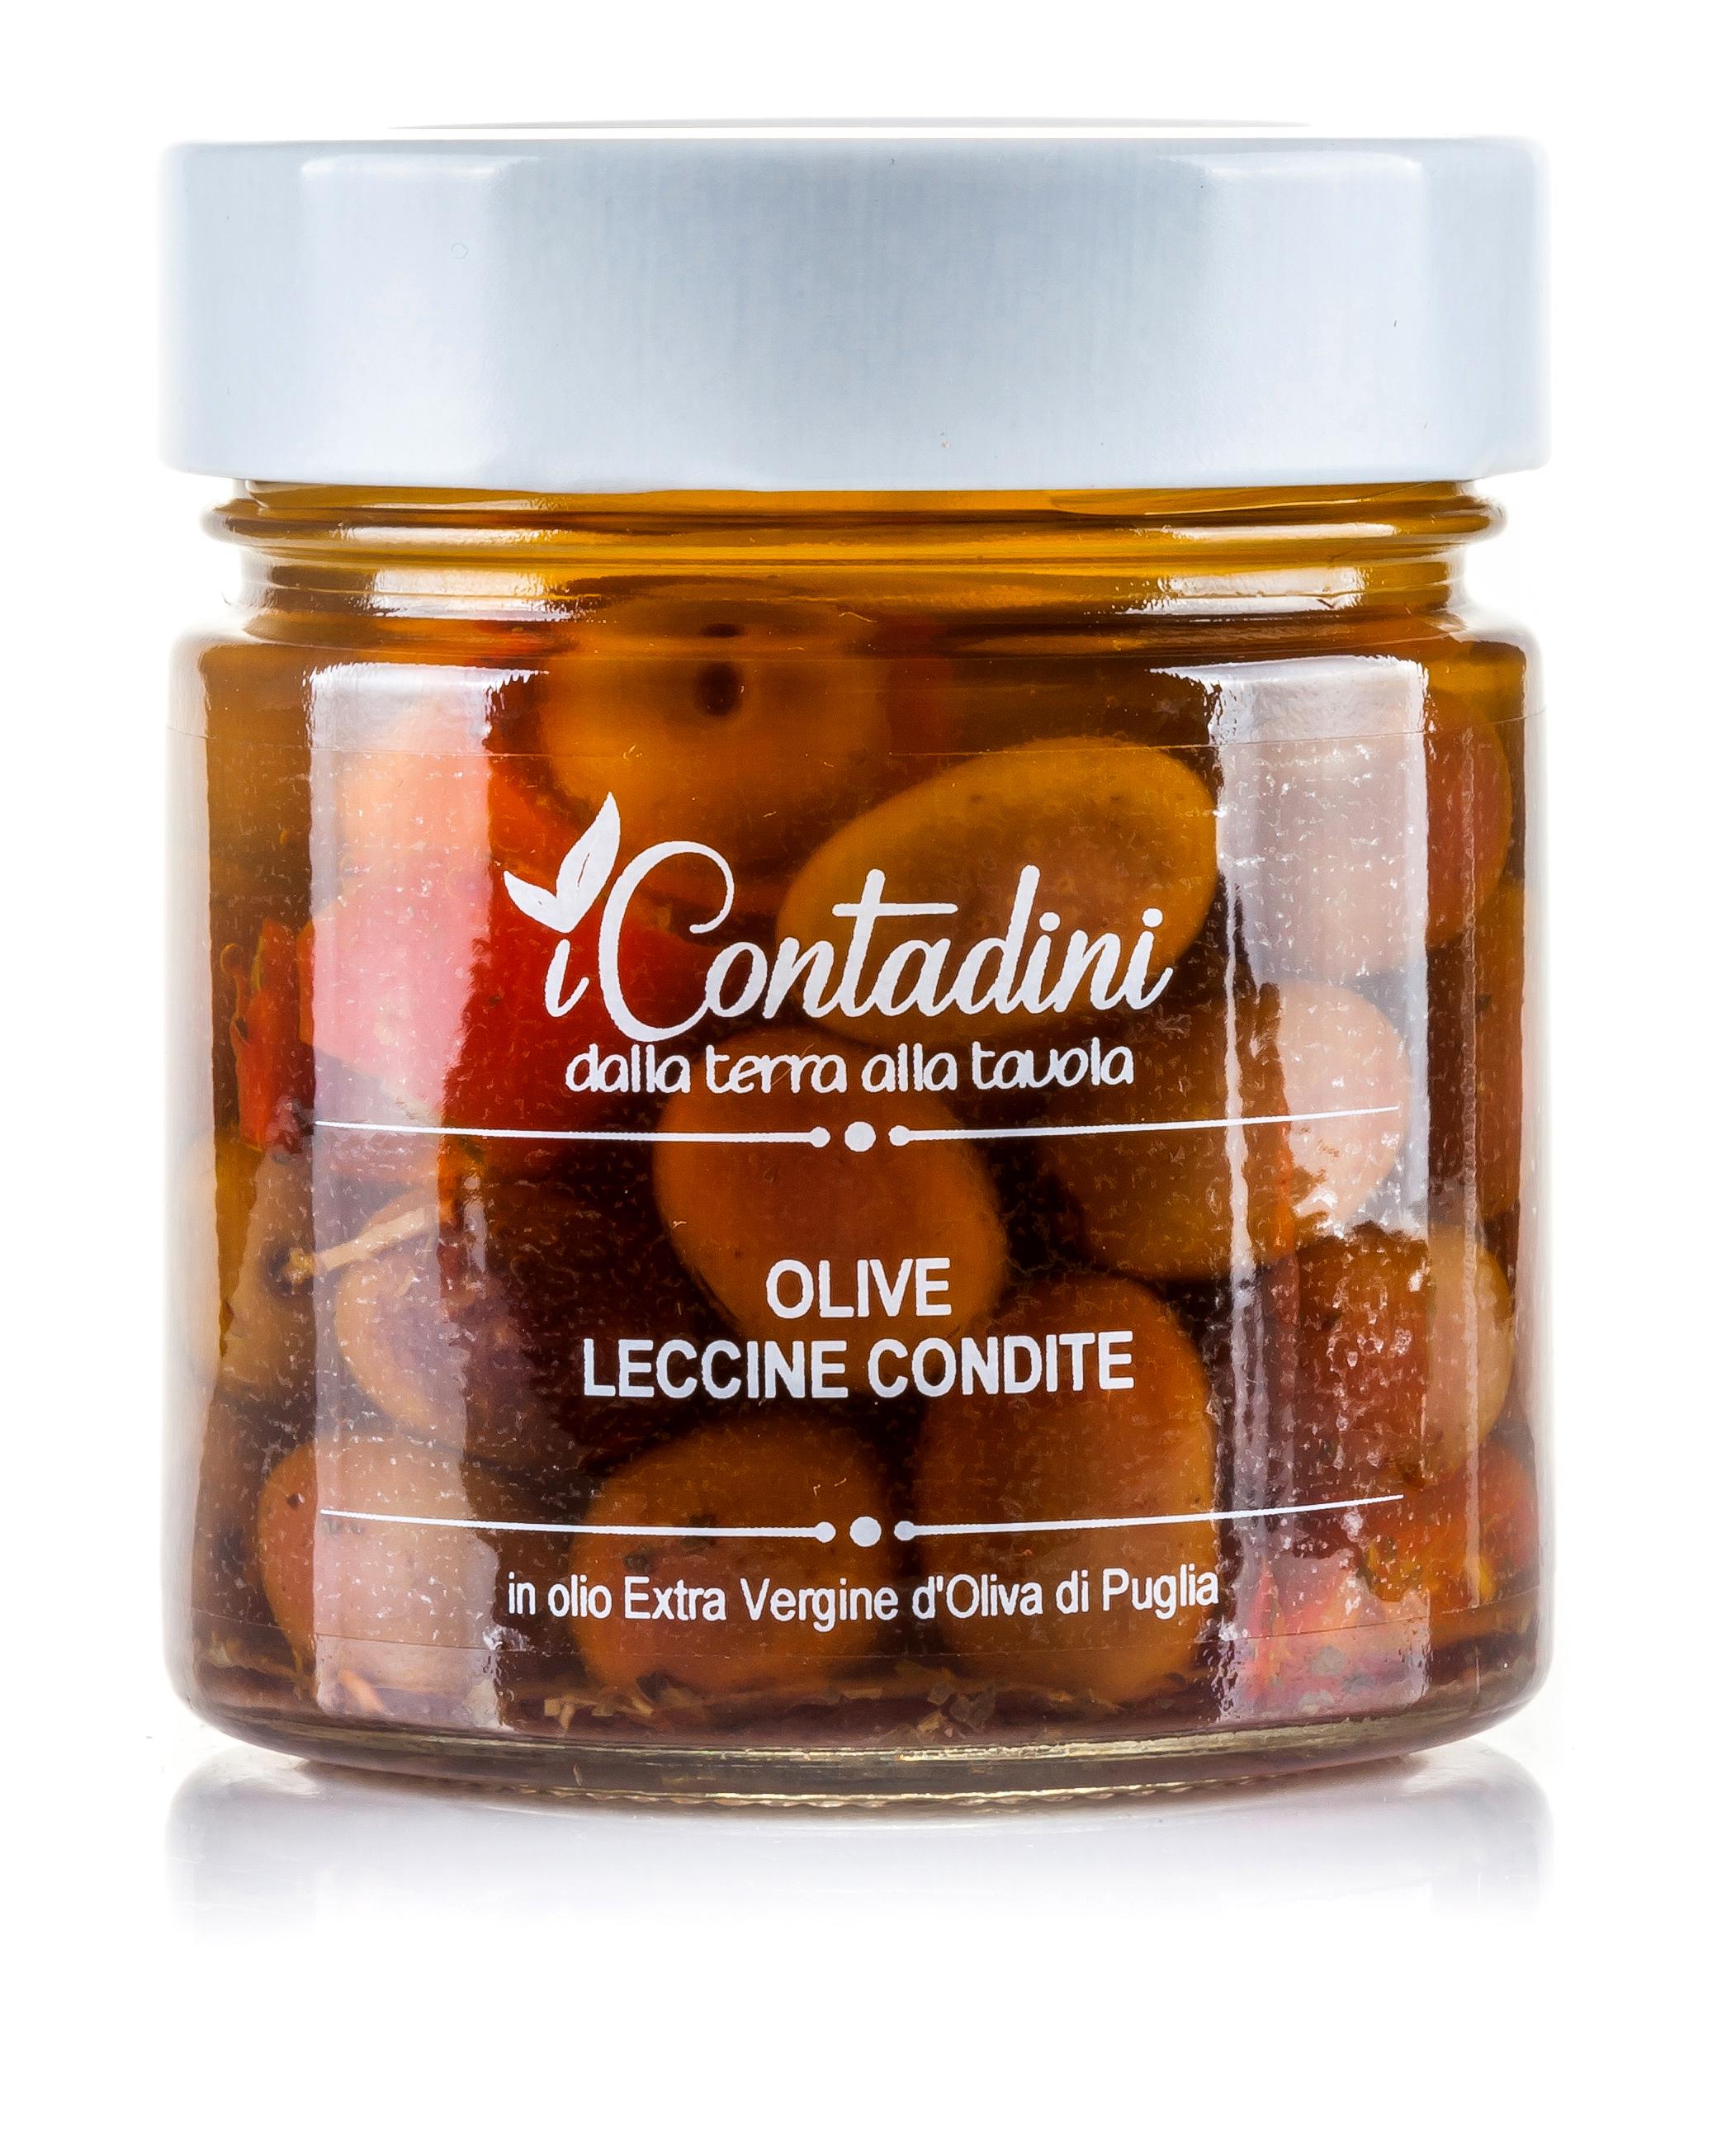 OLLE0230 - Olive leccine condite